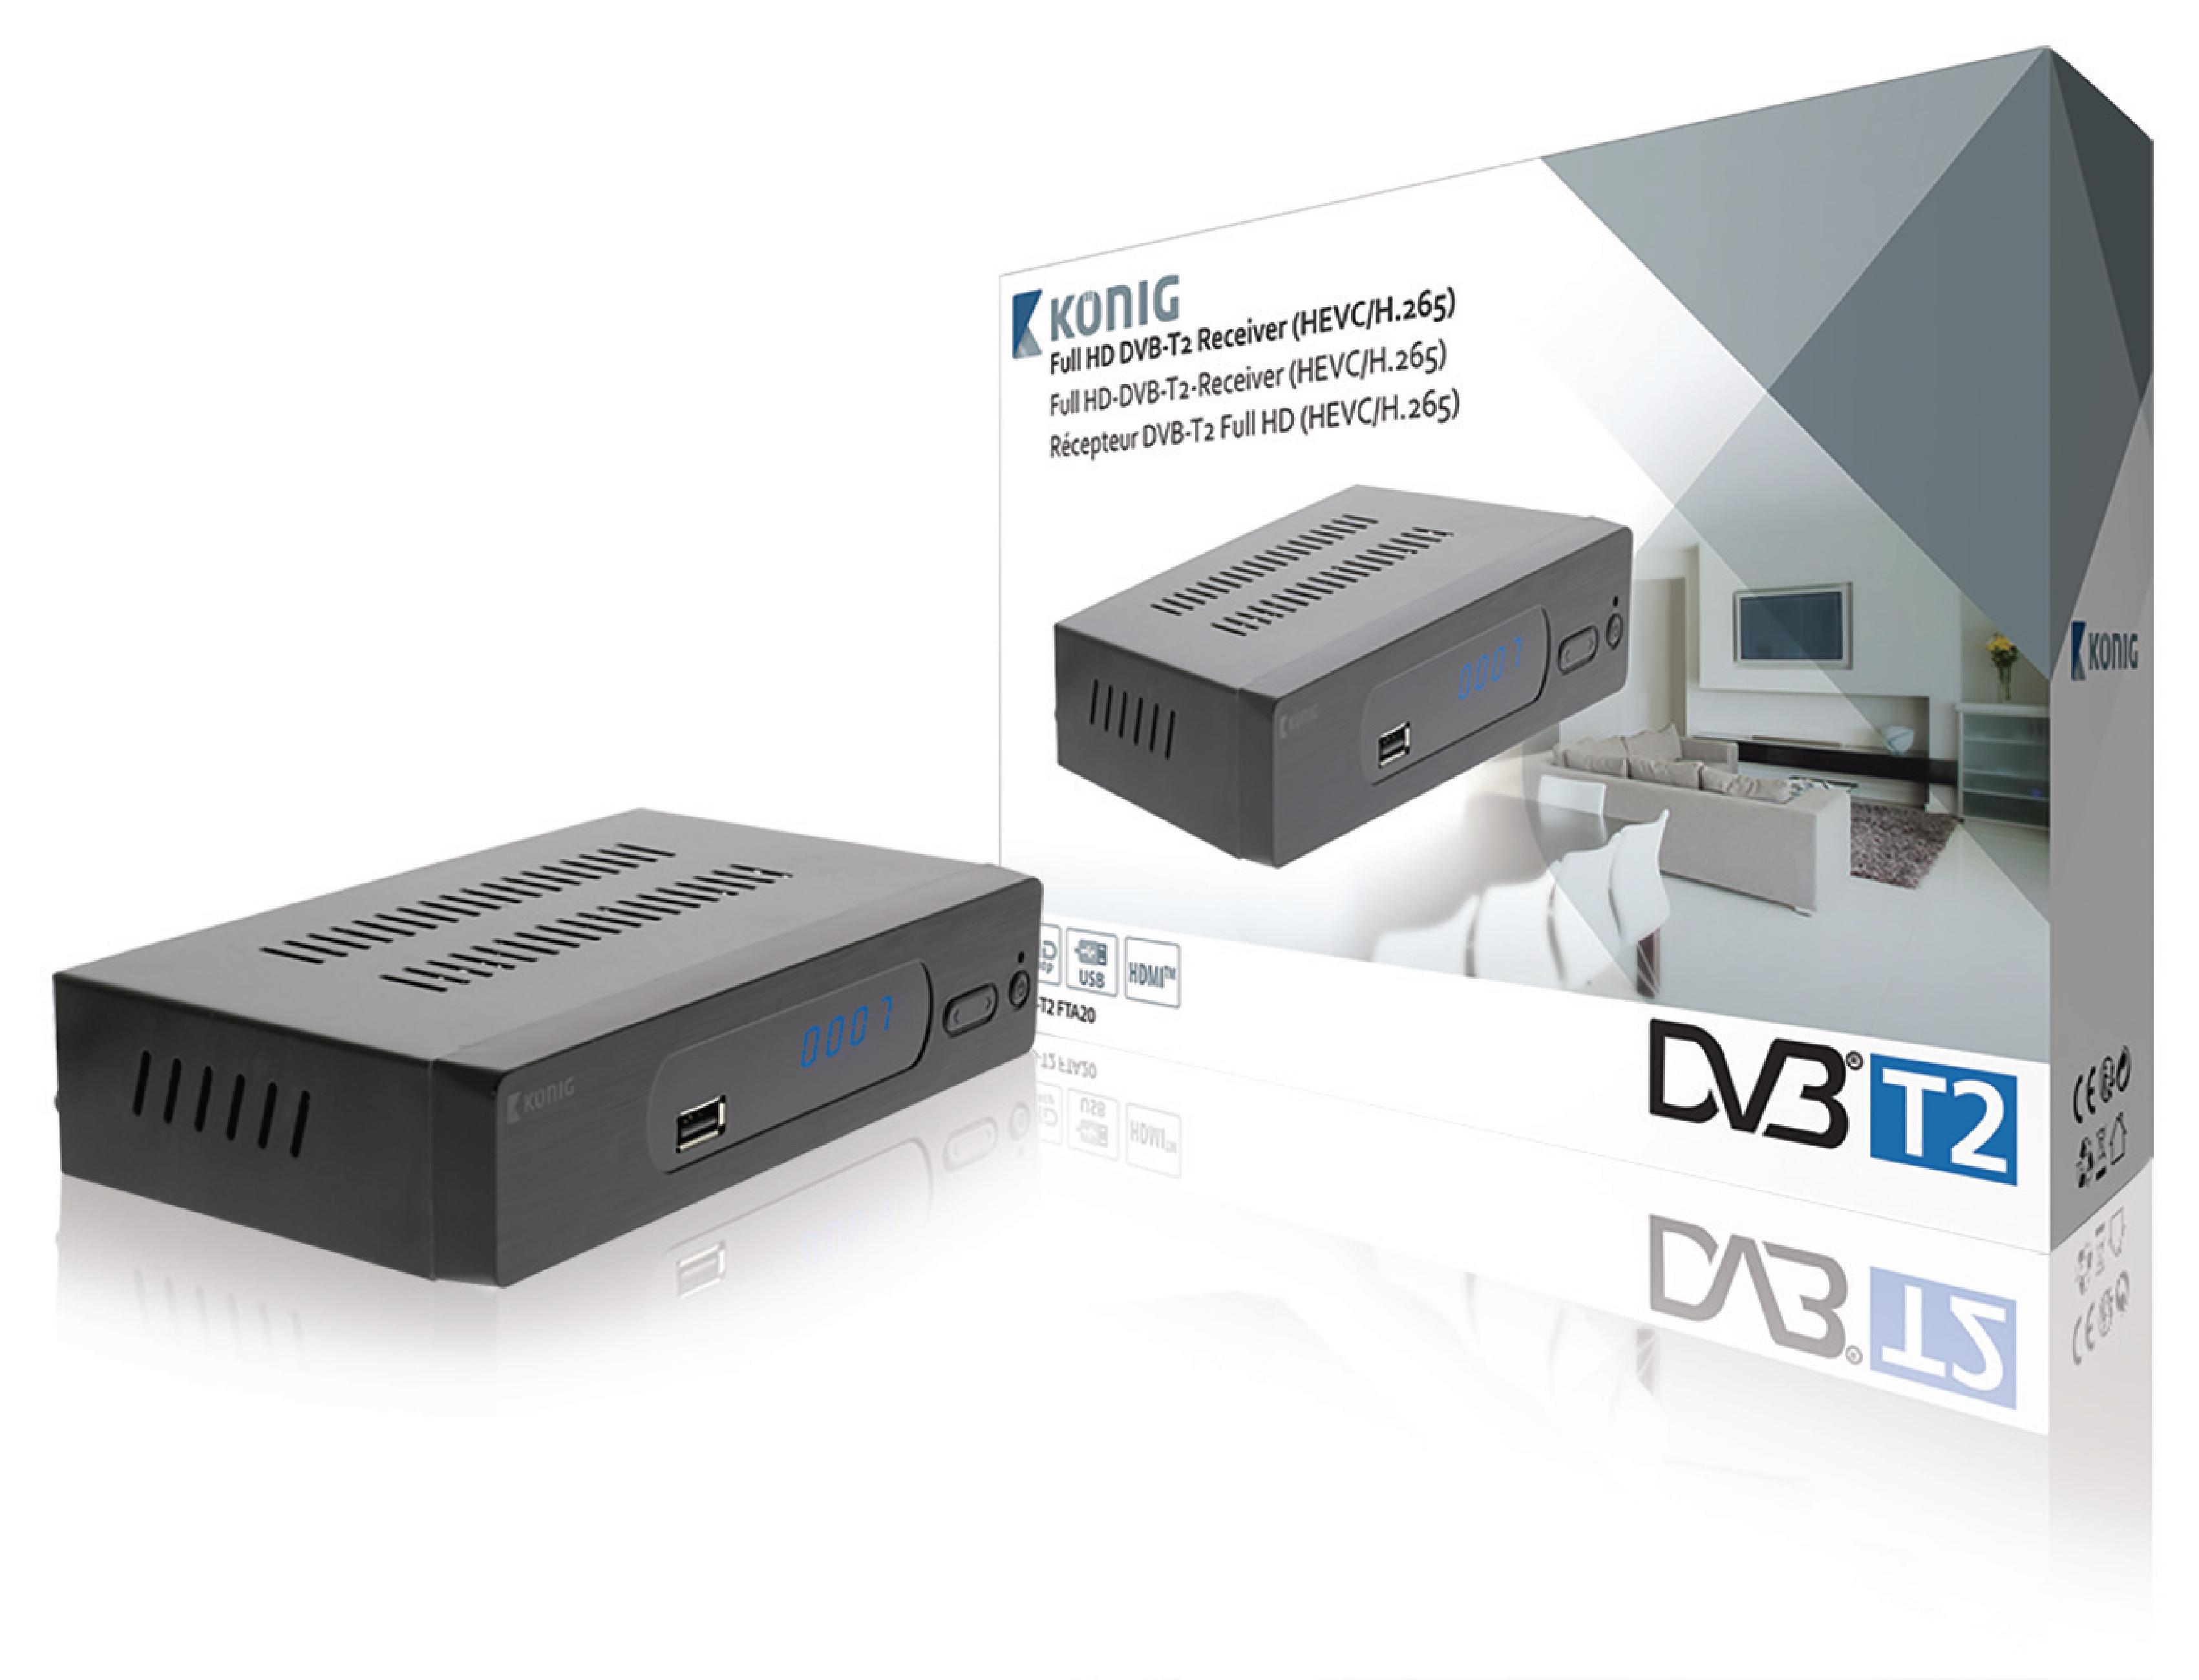 Full HD DVB-T2 přijímač HEVC H.265 Free To Air (FTA) König, DVB-T2 FTA20